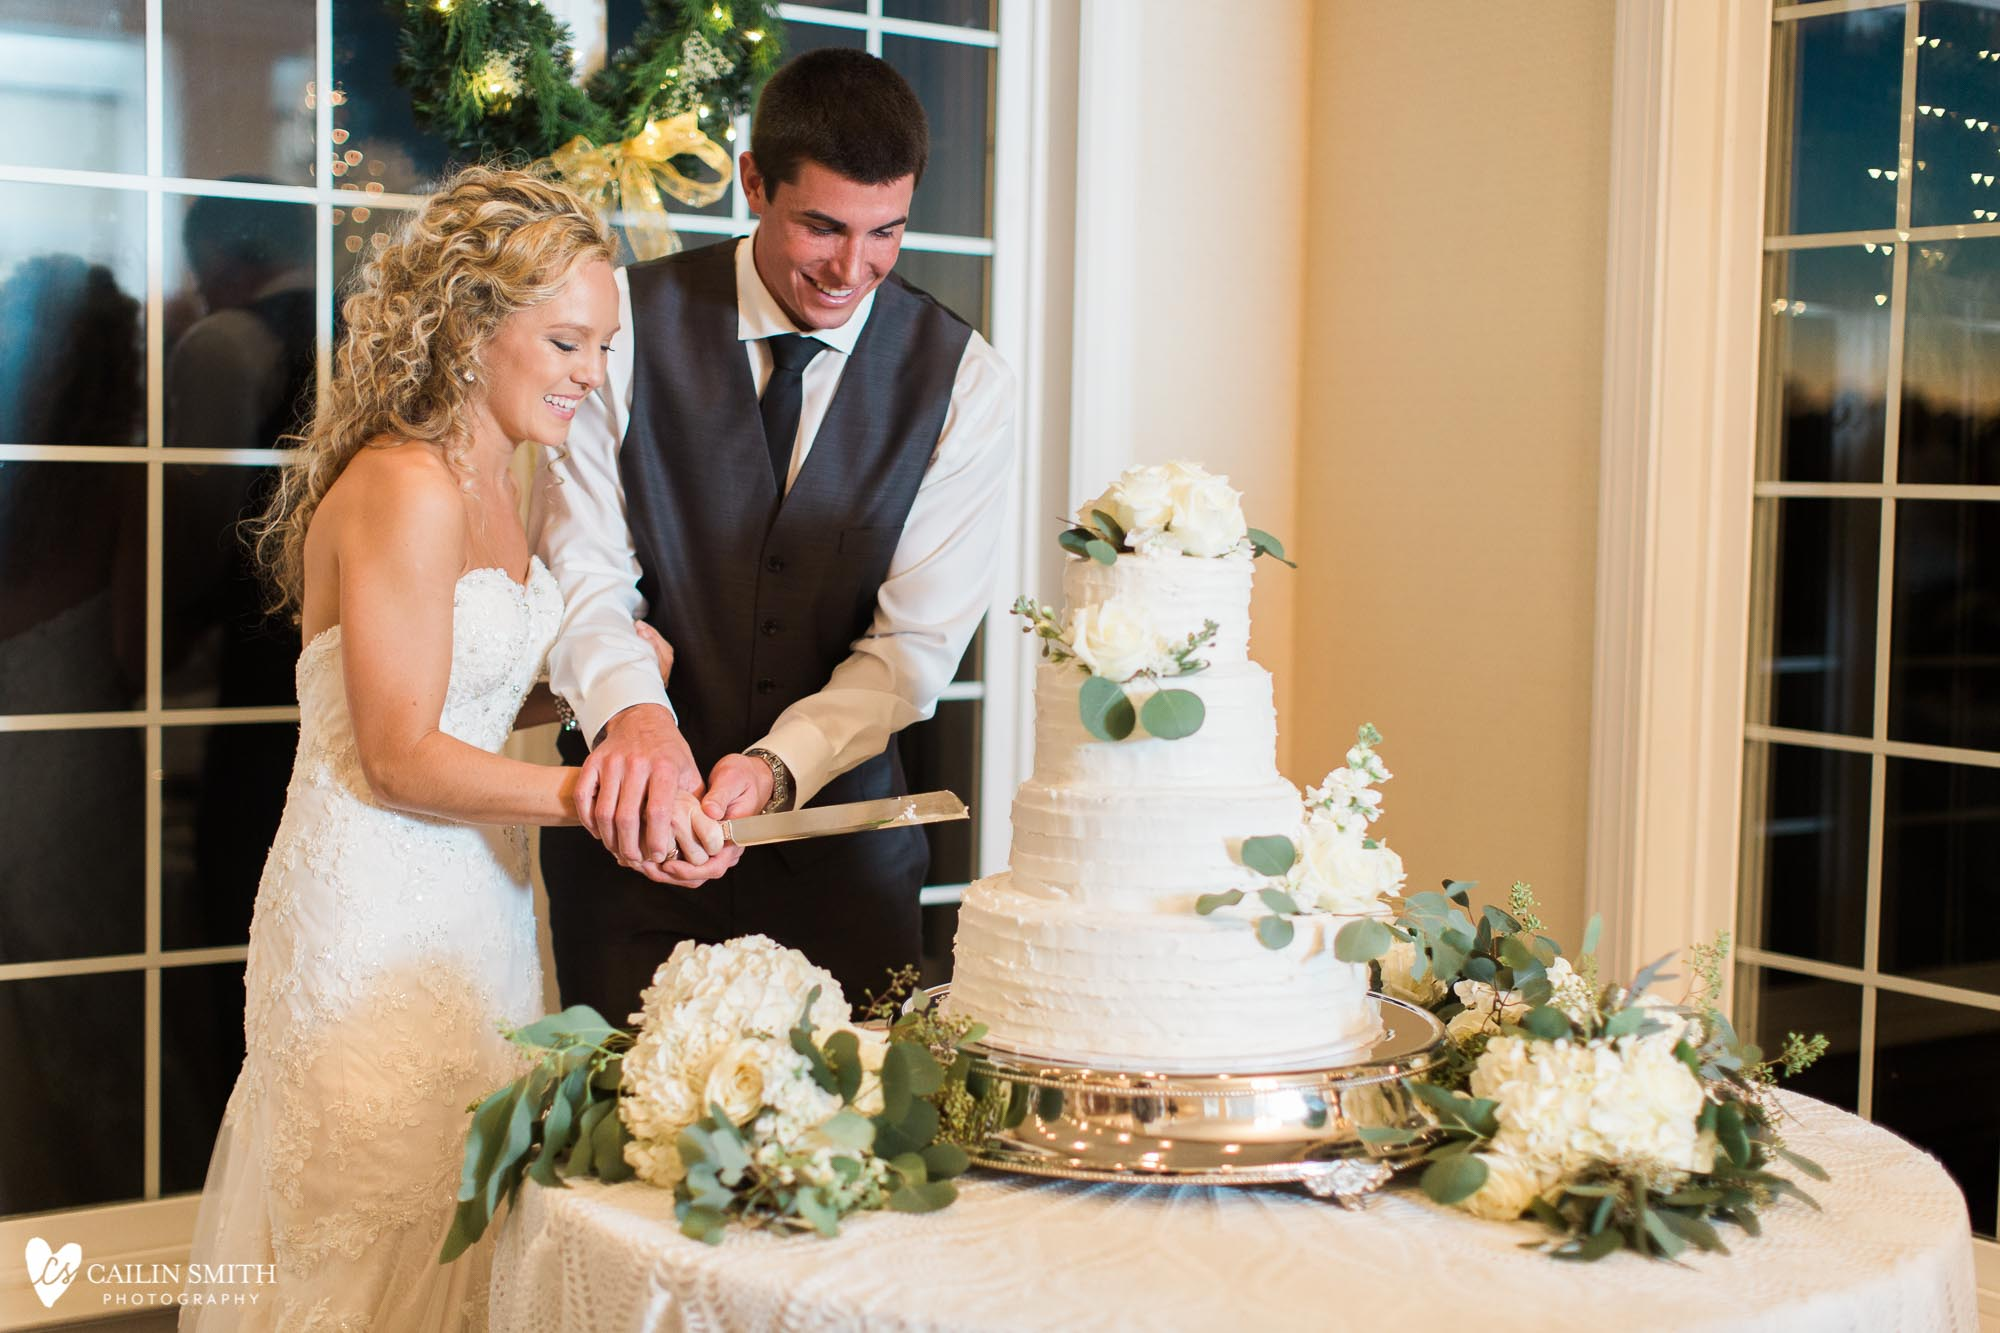 Leah_Major_St_Marys_Wedding_Photography_102.jpg